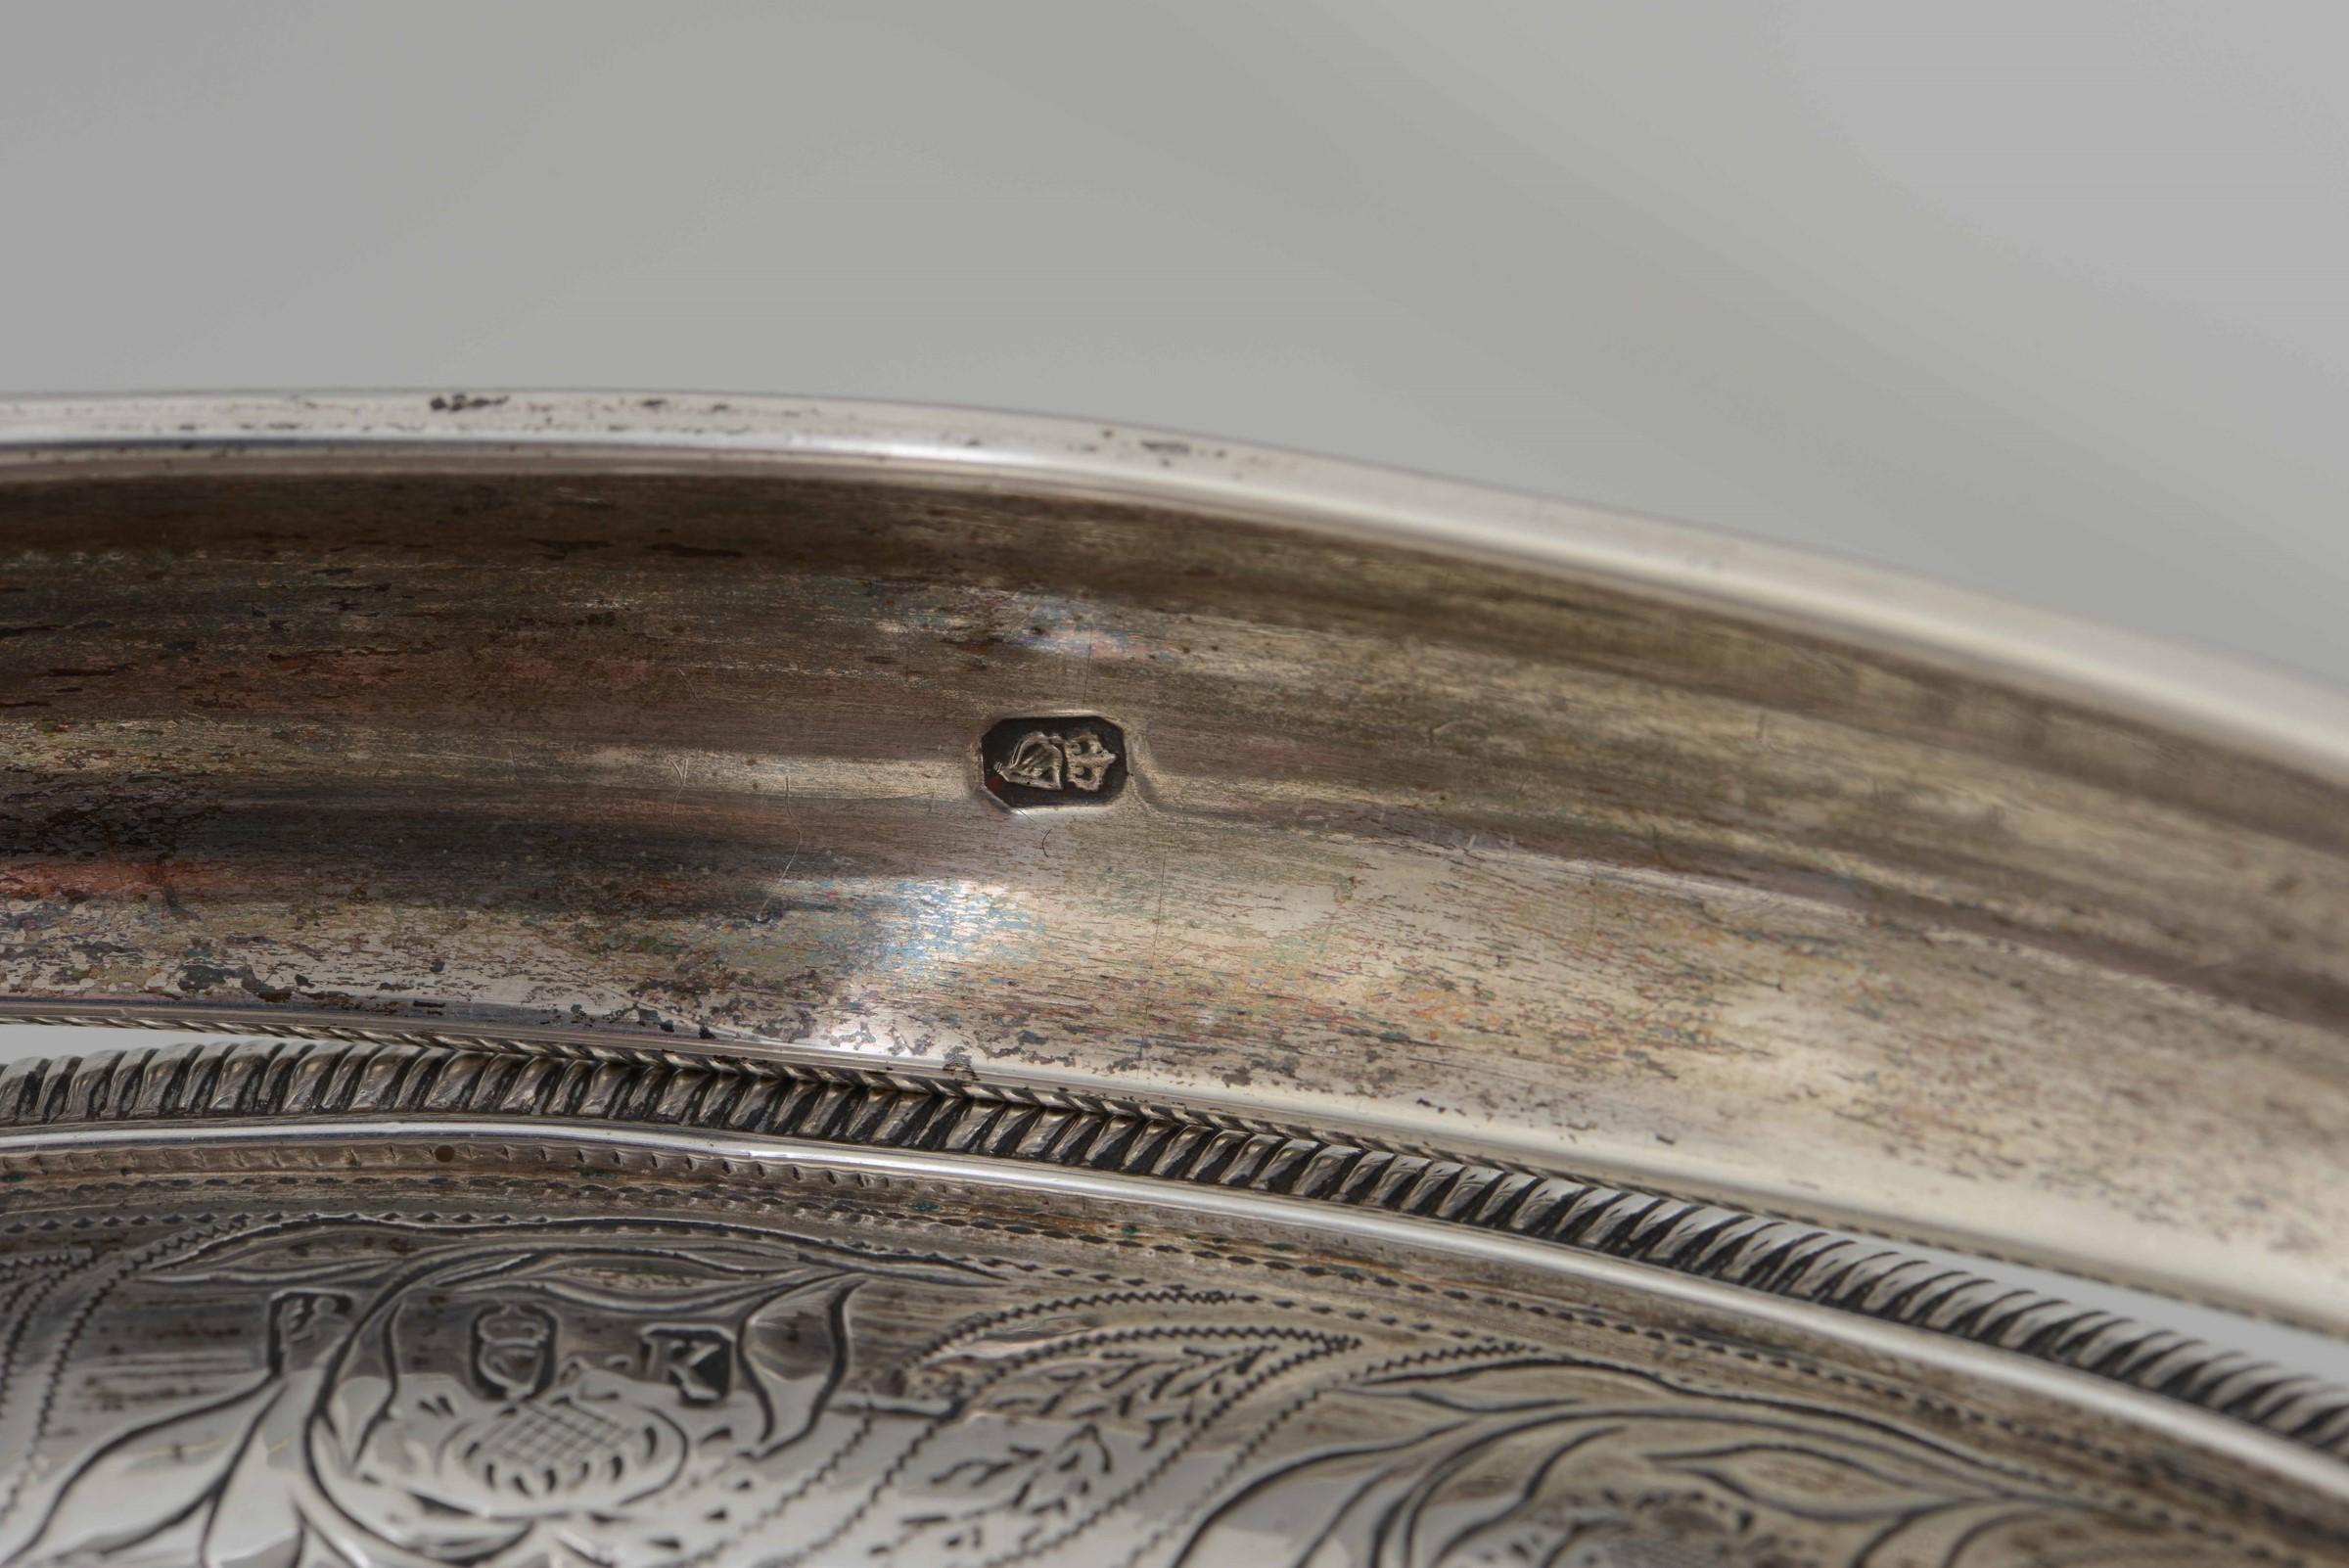 Cestino in argento fuso, sbalzato e cesellato. Irlanda XIX secolo, - gr. 941, cm [...] - Image 3 of 3